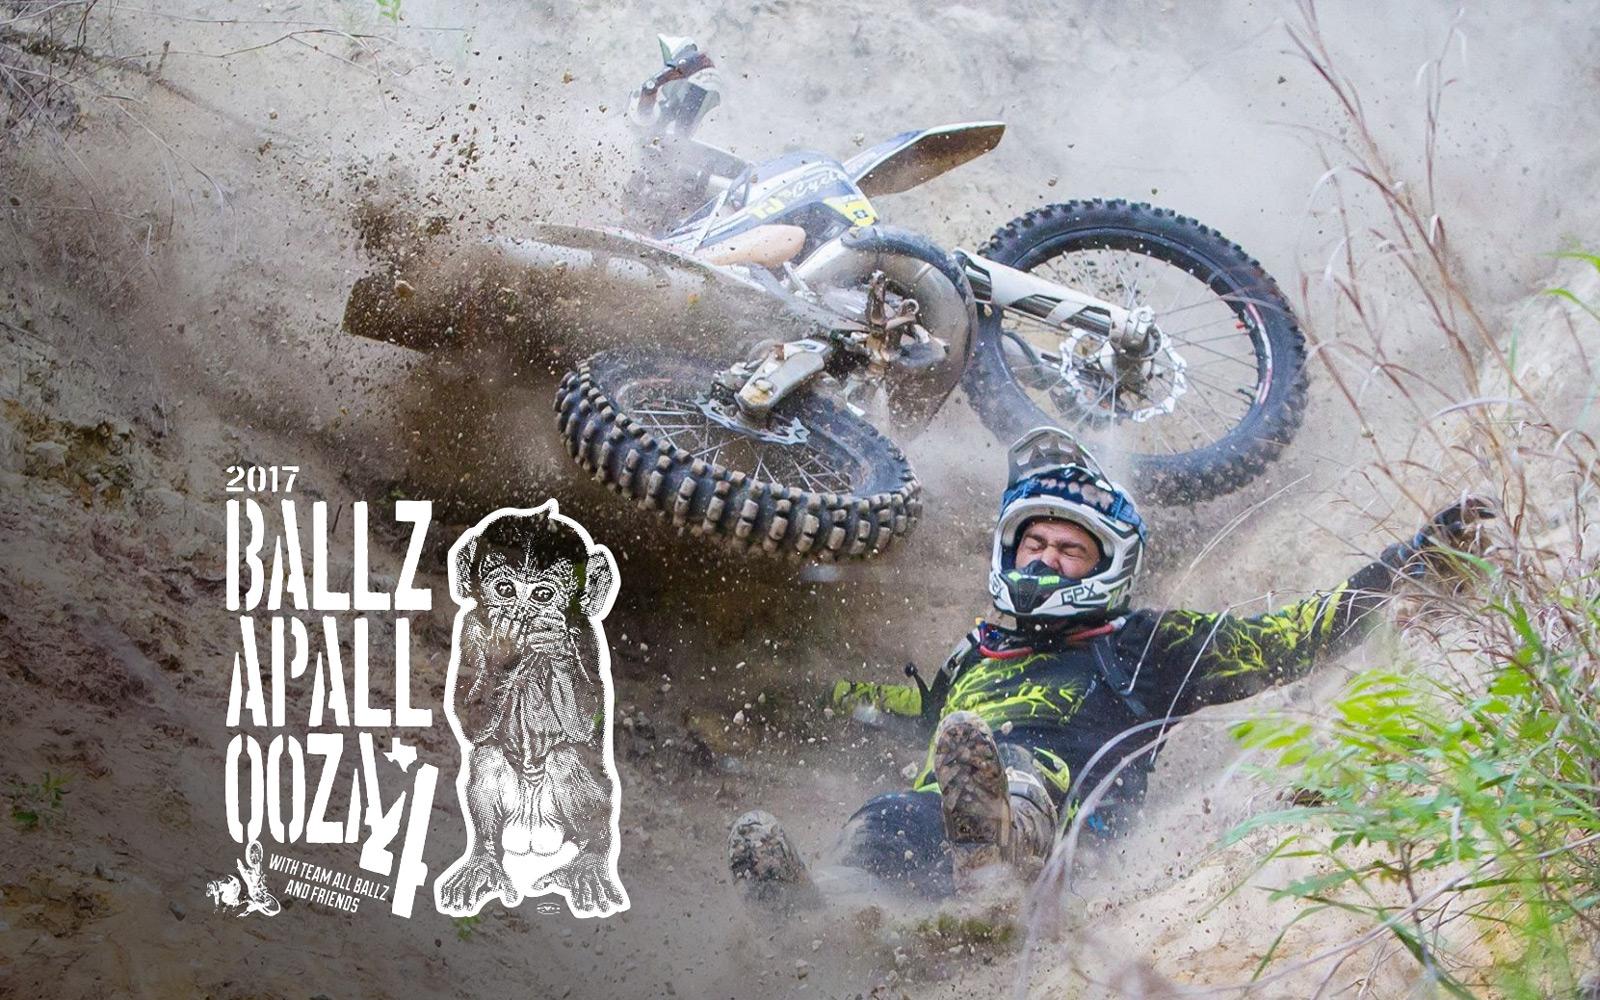 ballzapallooza-4-photo-epic-adam-main-header2